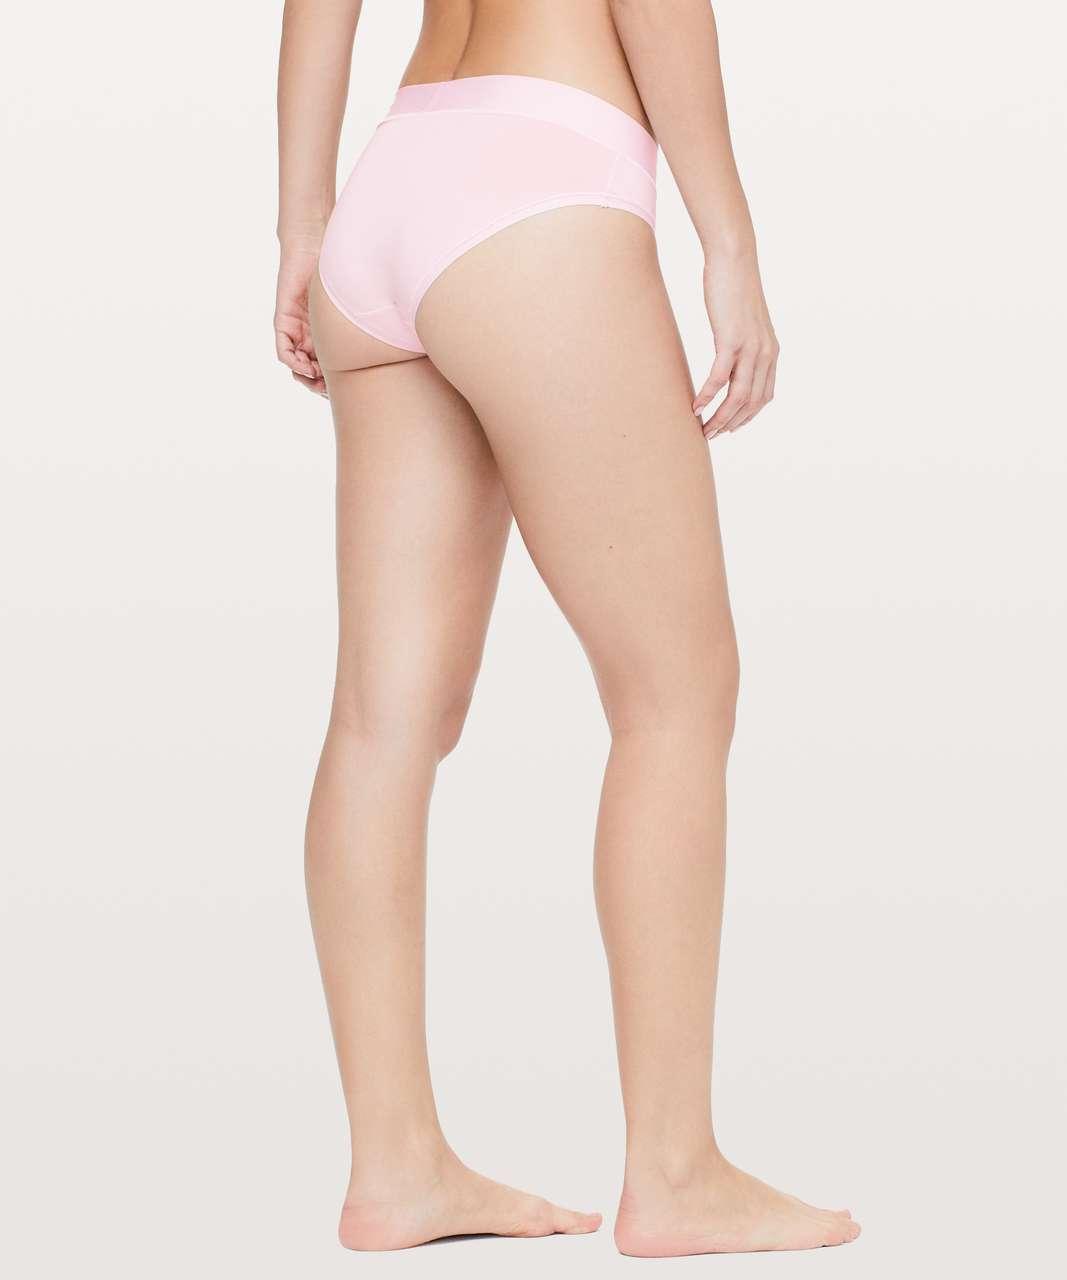 Lululemon Mula Bandhawear Bikini - Blissful Pink